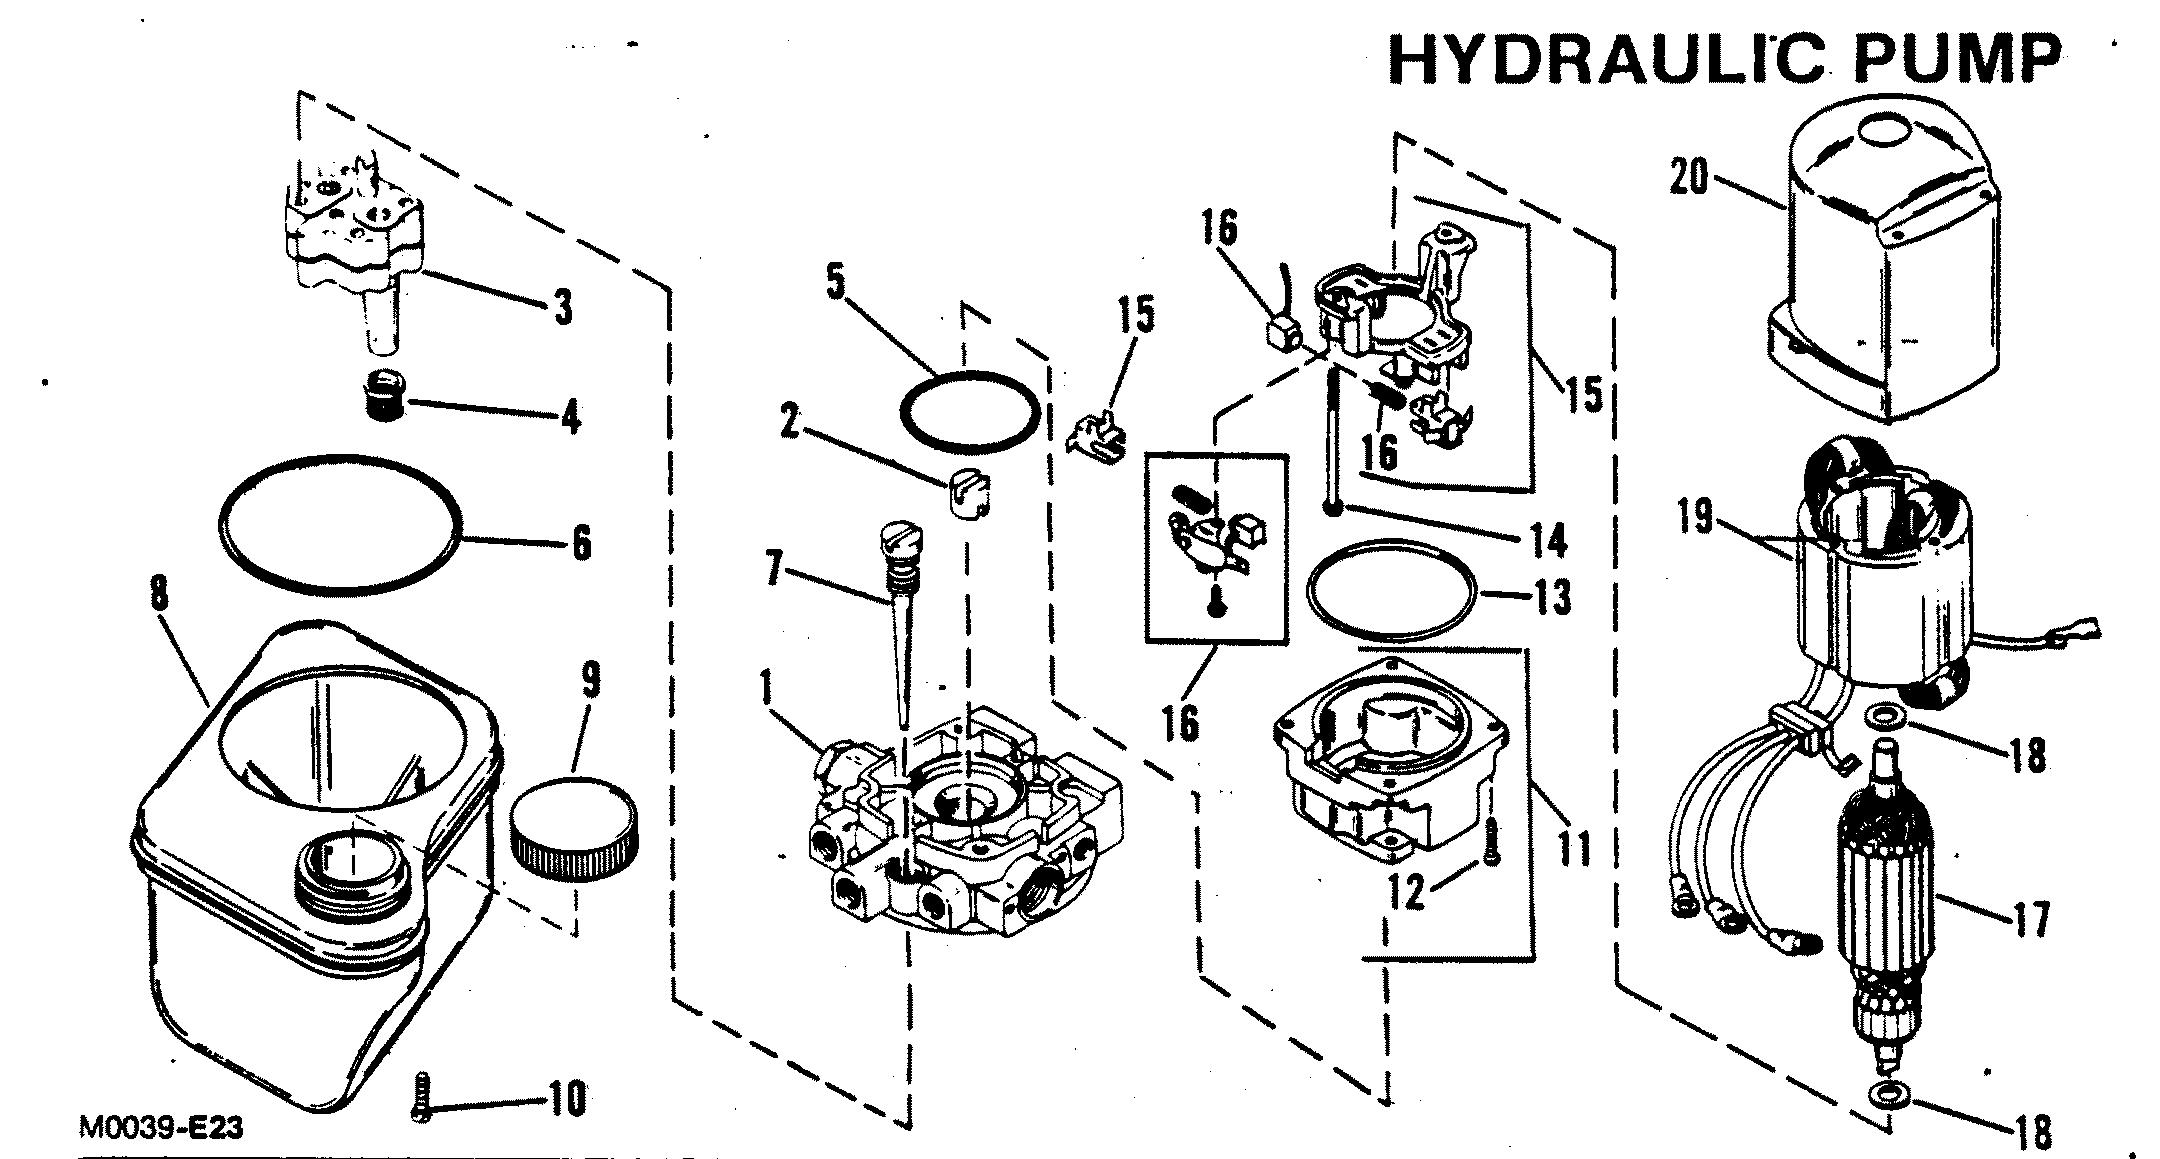 Fbacd Oildyne Trim Pump Wiring Diagram